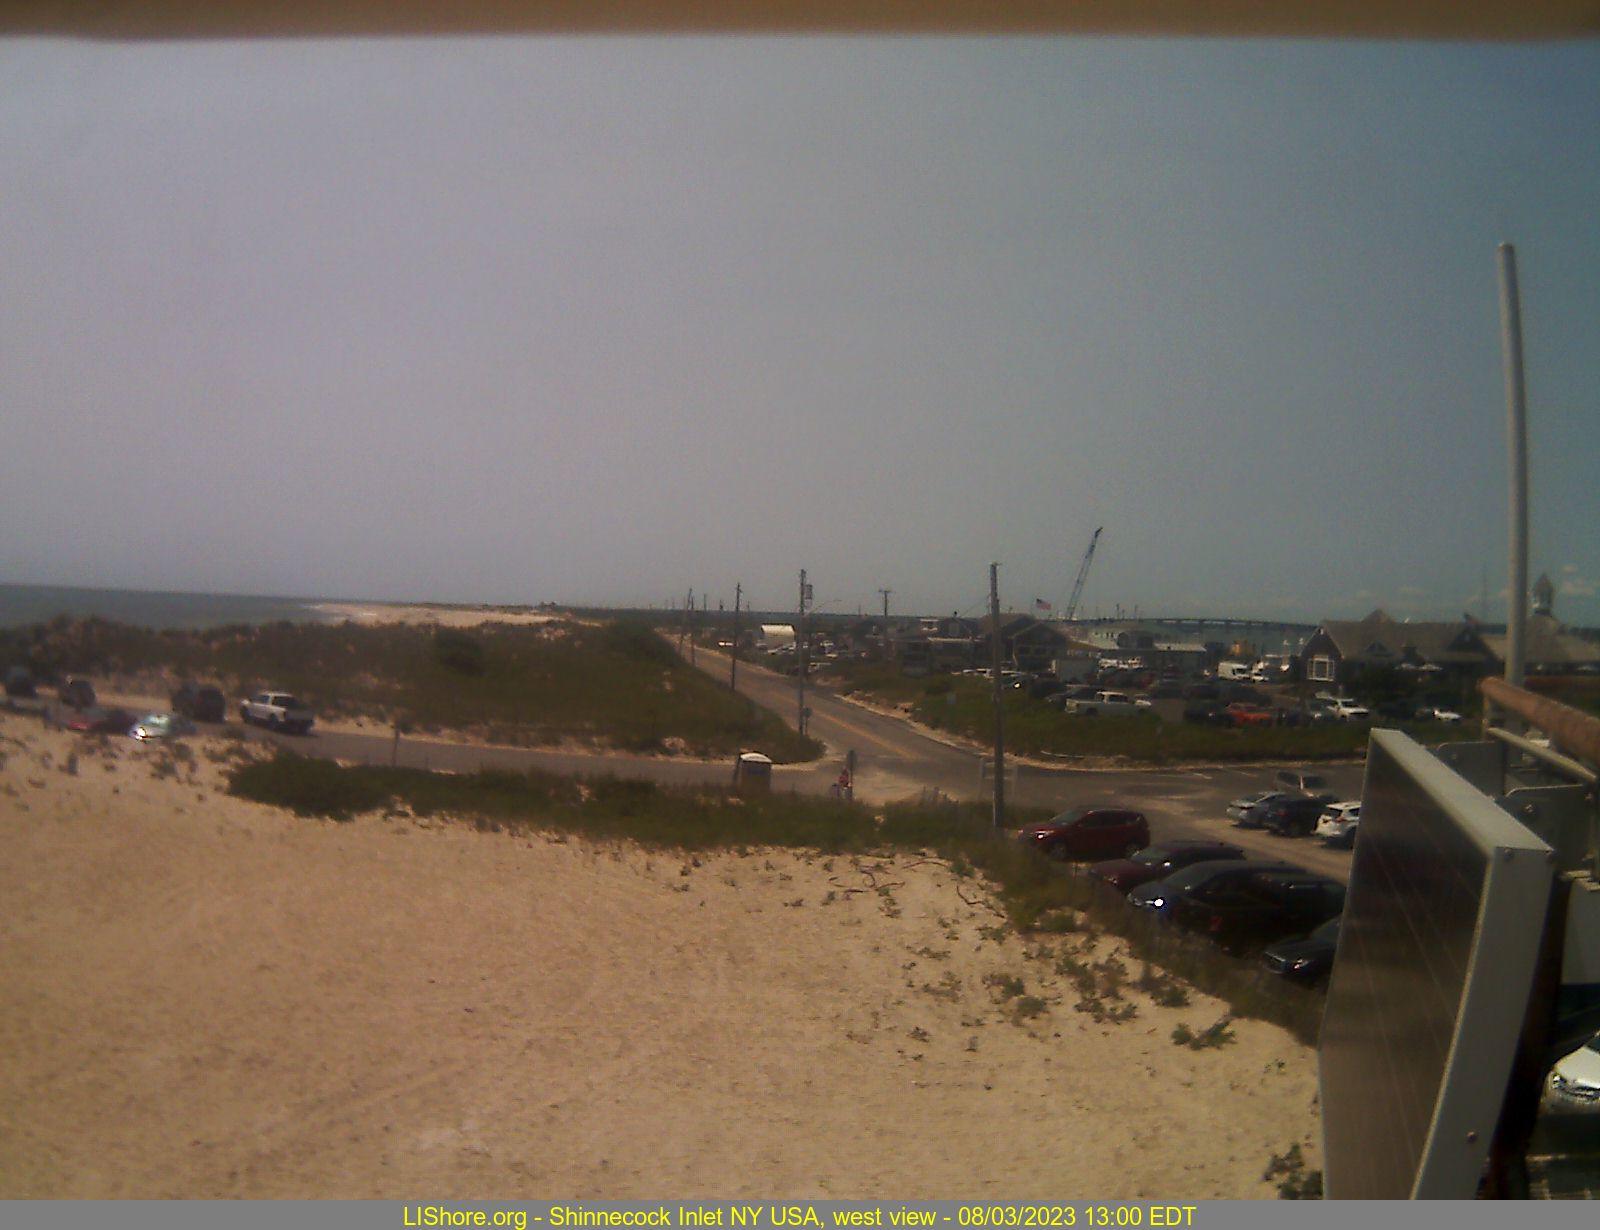 Webcam image - west view